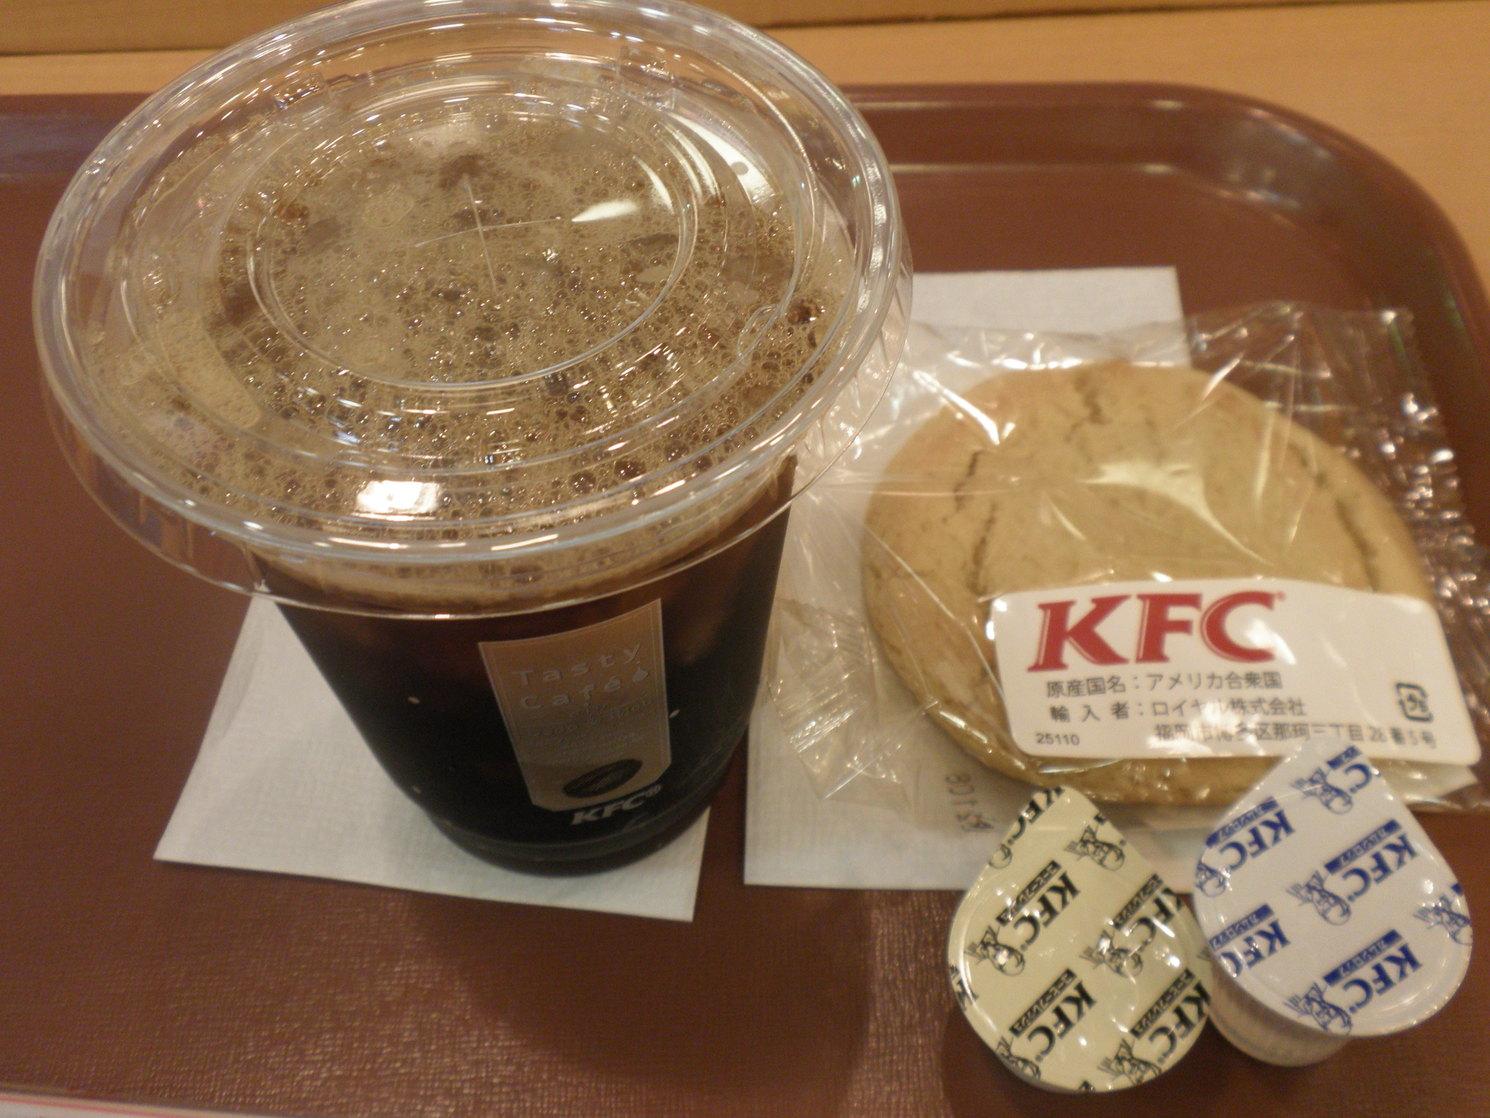 ケンタッキーフライドチキン 志木南口駅前店